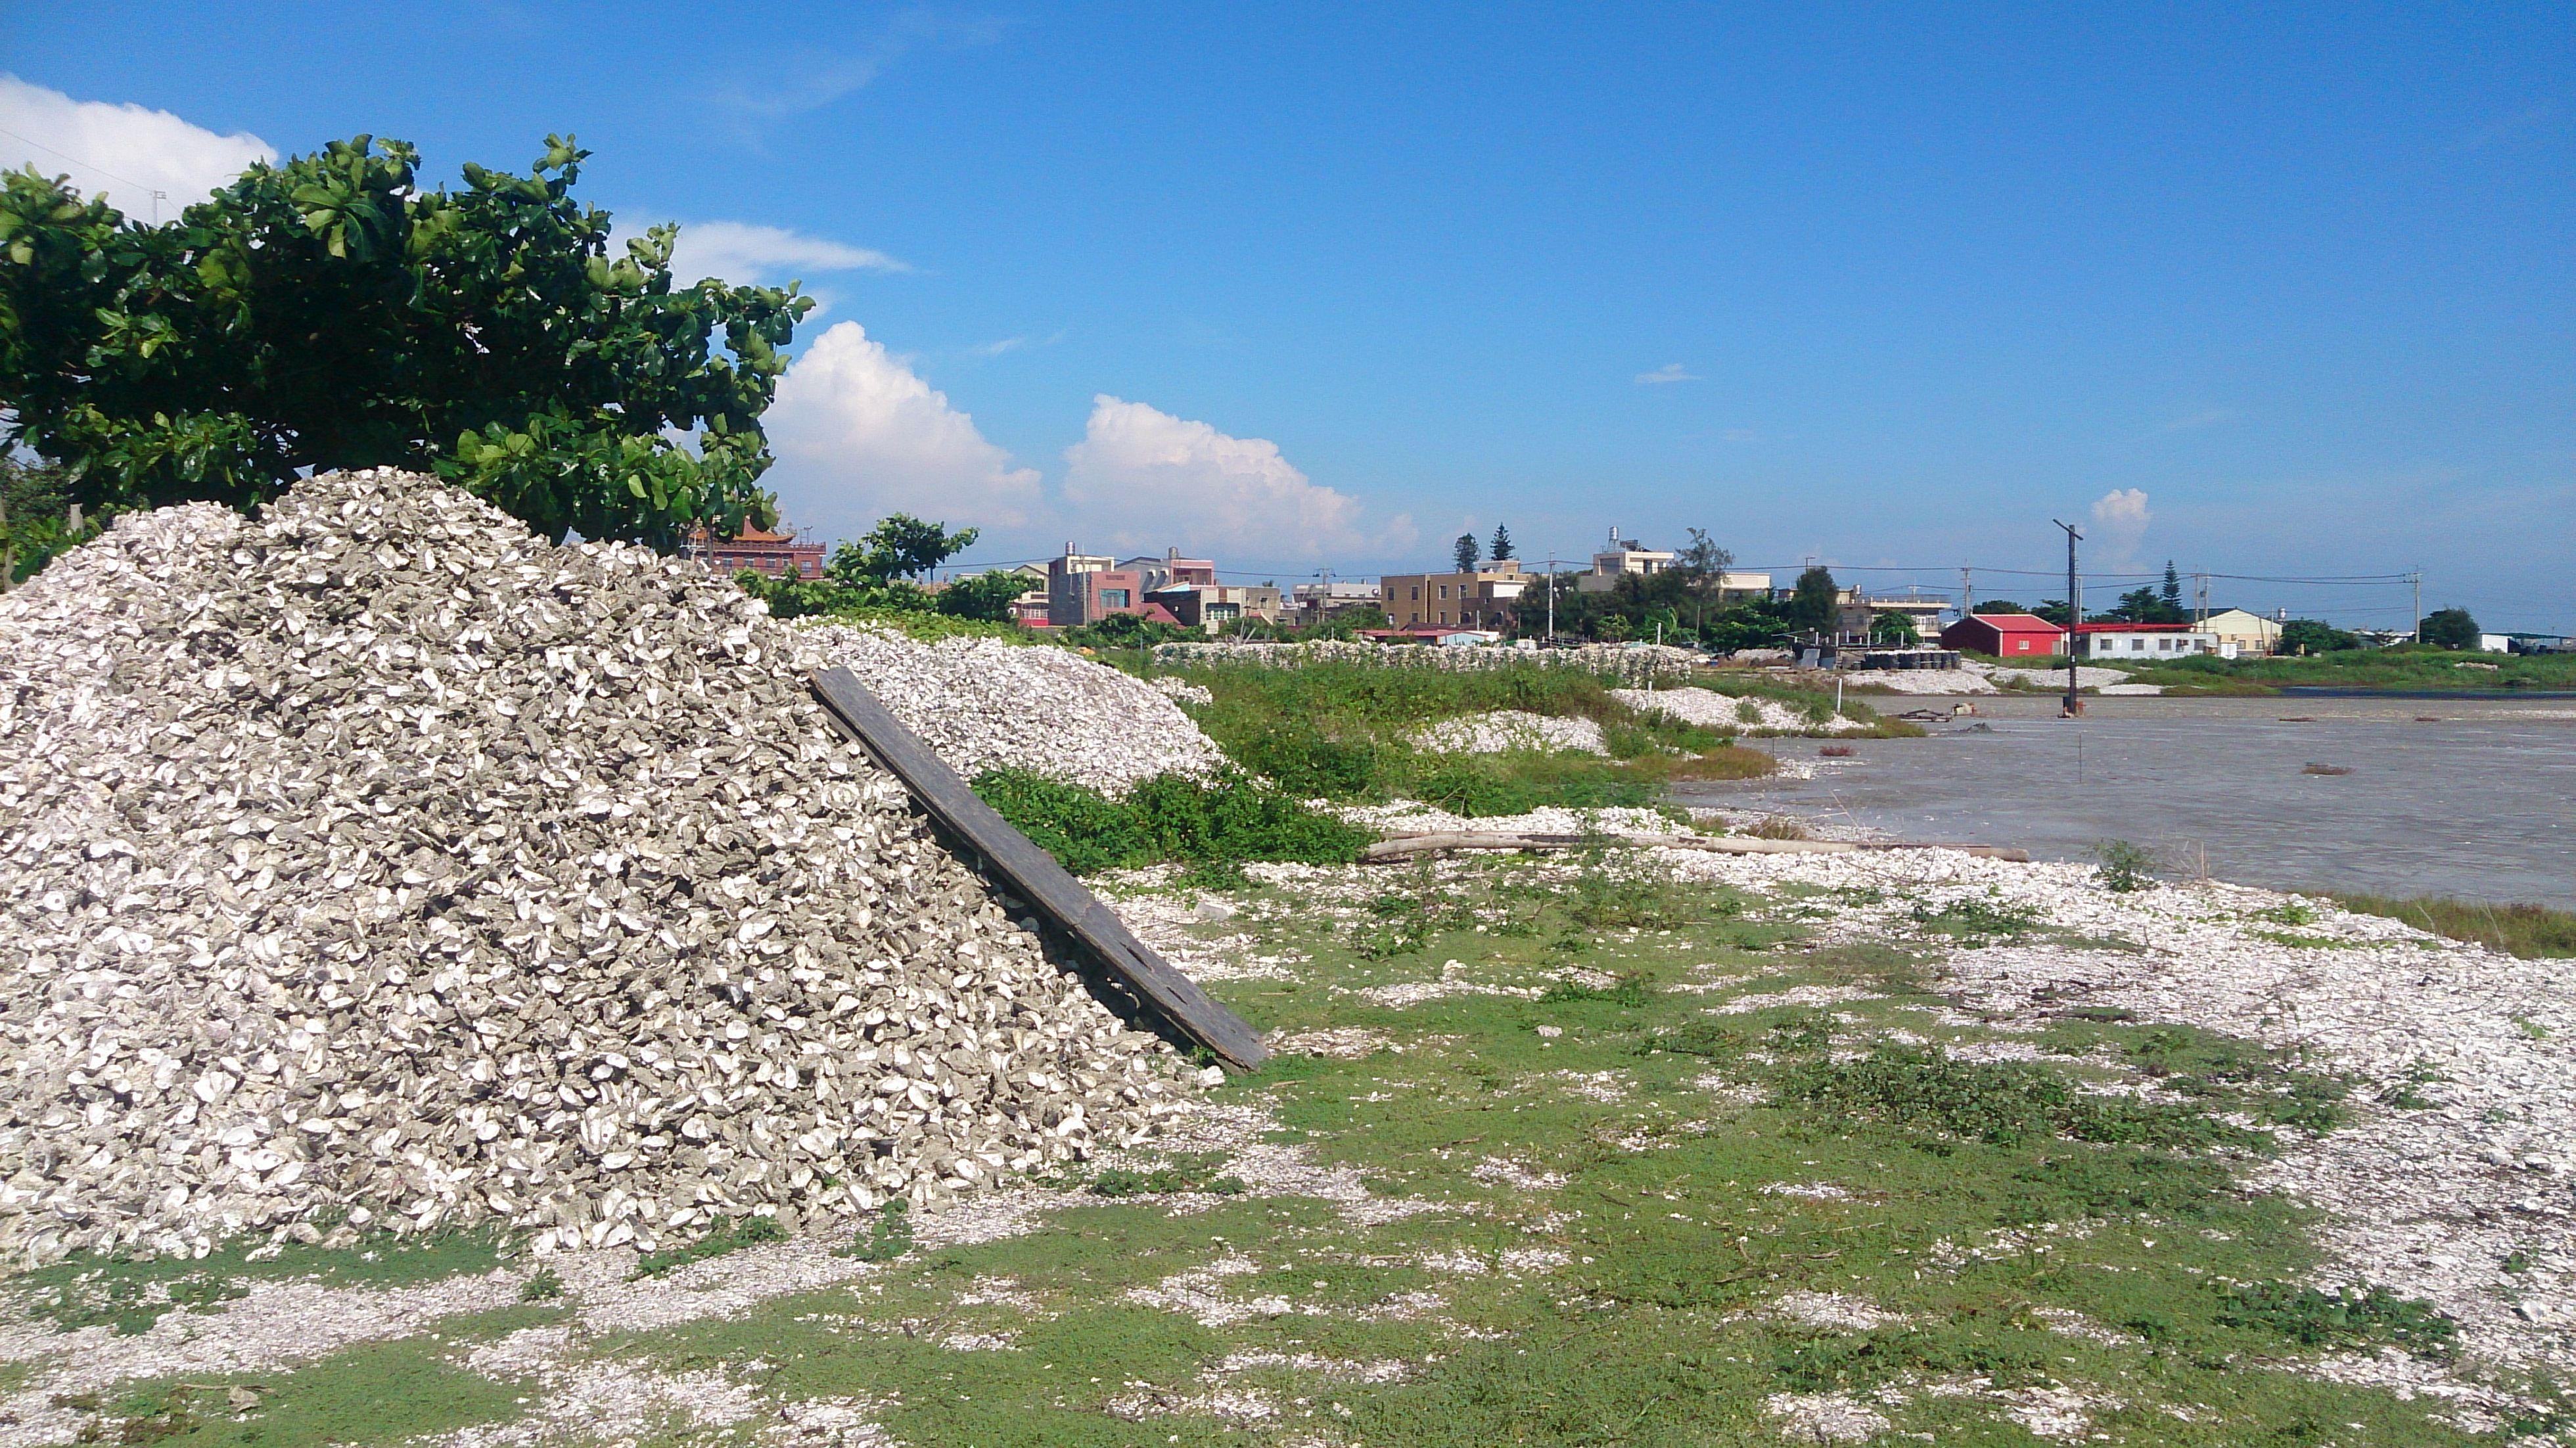 小蚵山與村莊(縣環保局於 2008 年在網寮村設置蚵殼堆置專區)